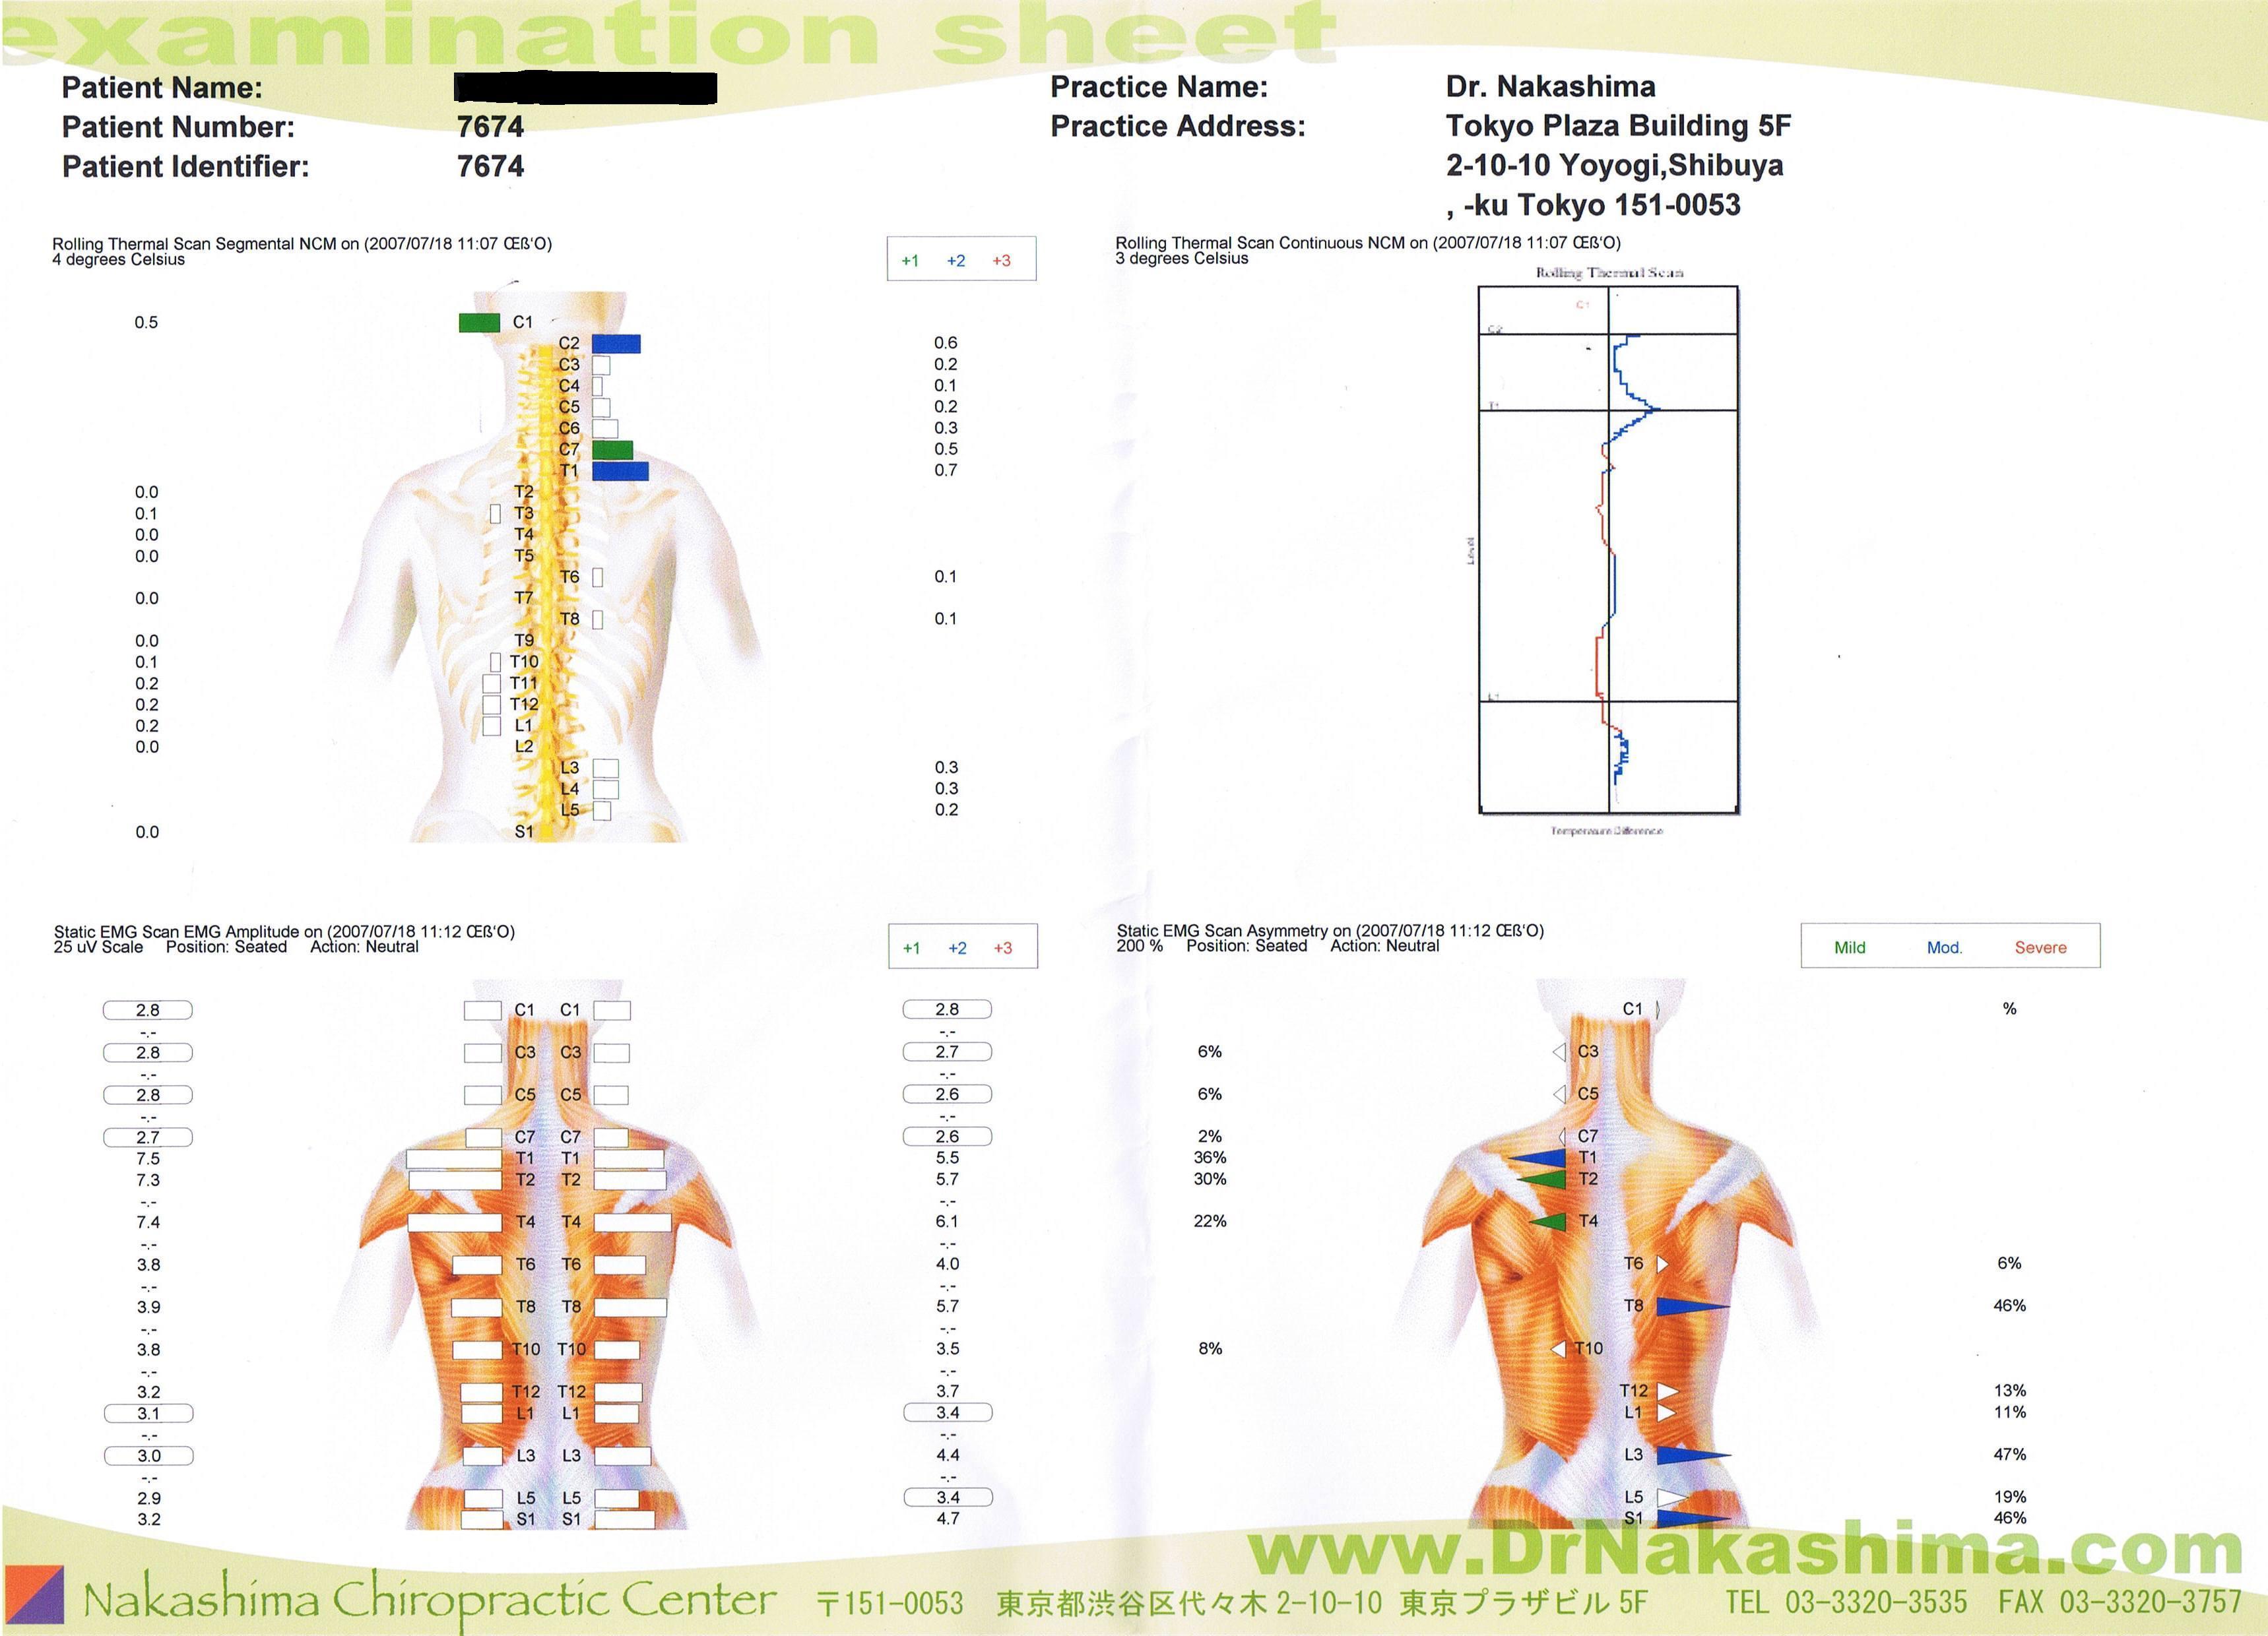 A20070718_examinationsheet01.jpg